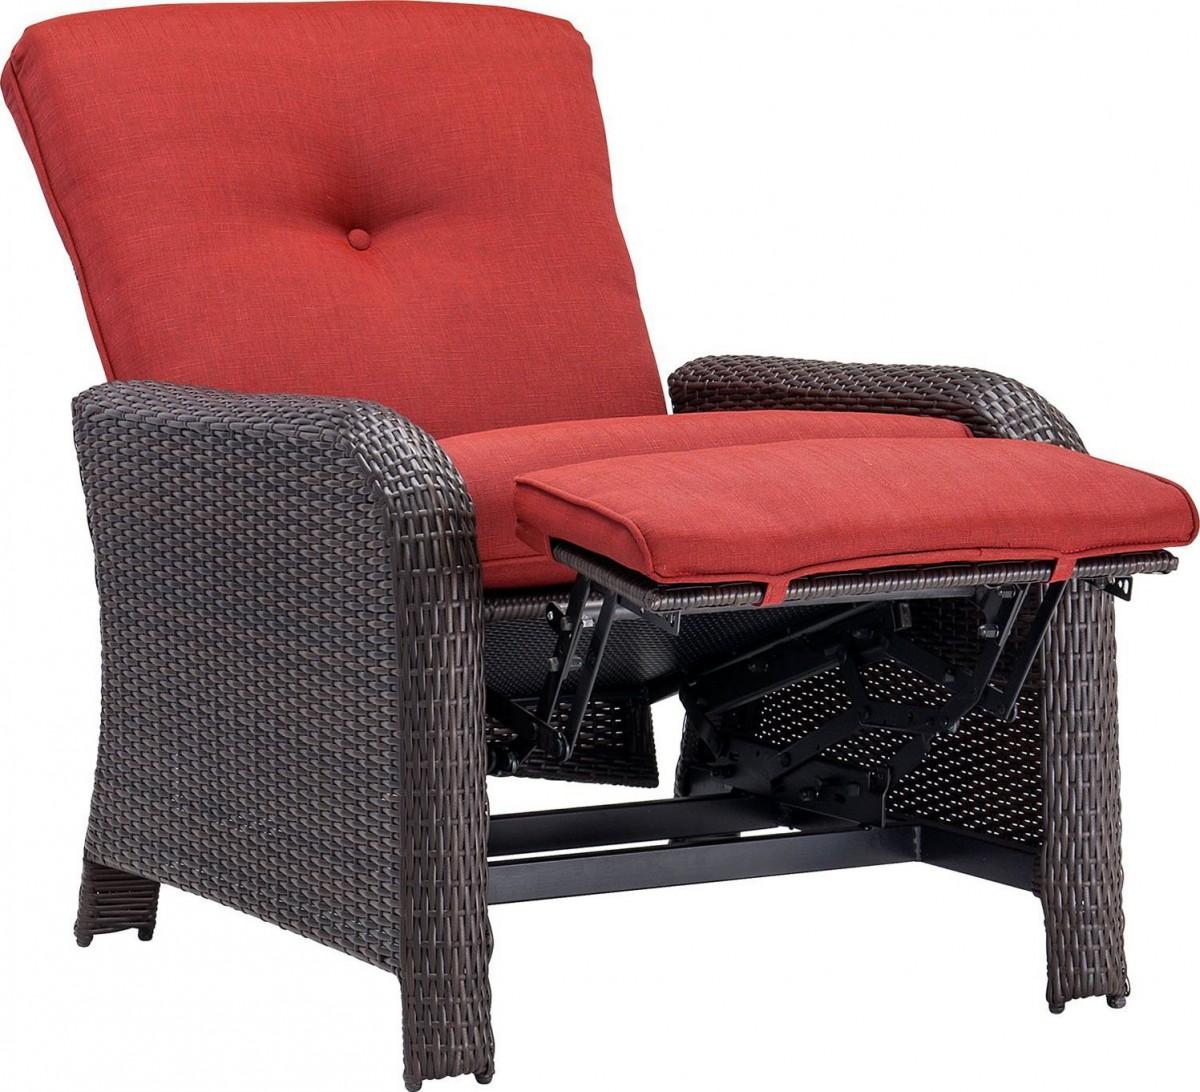 garden chair covers the range godrej revolving for back pain hanover strathmere luxury wicker outdoor recliner